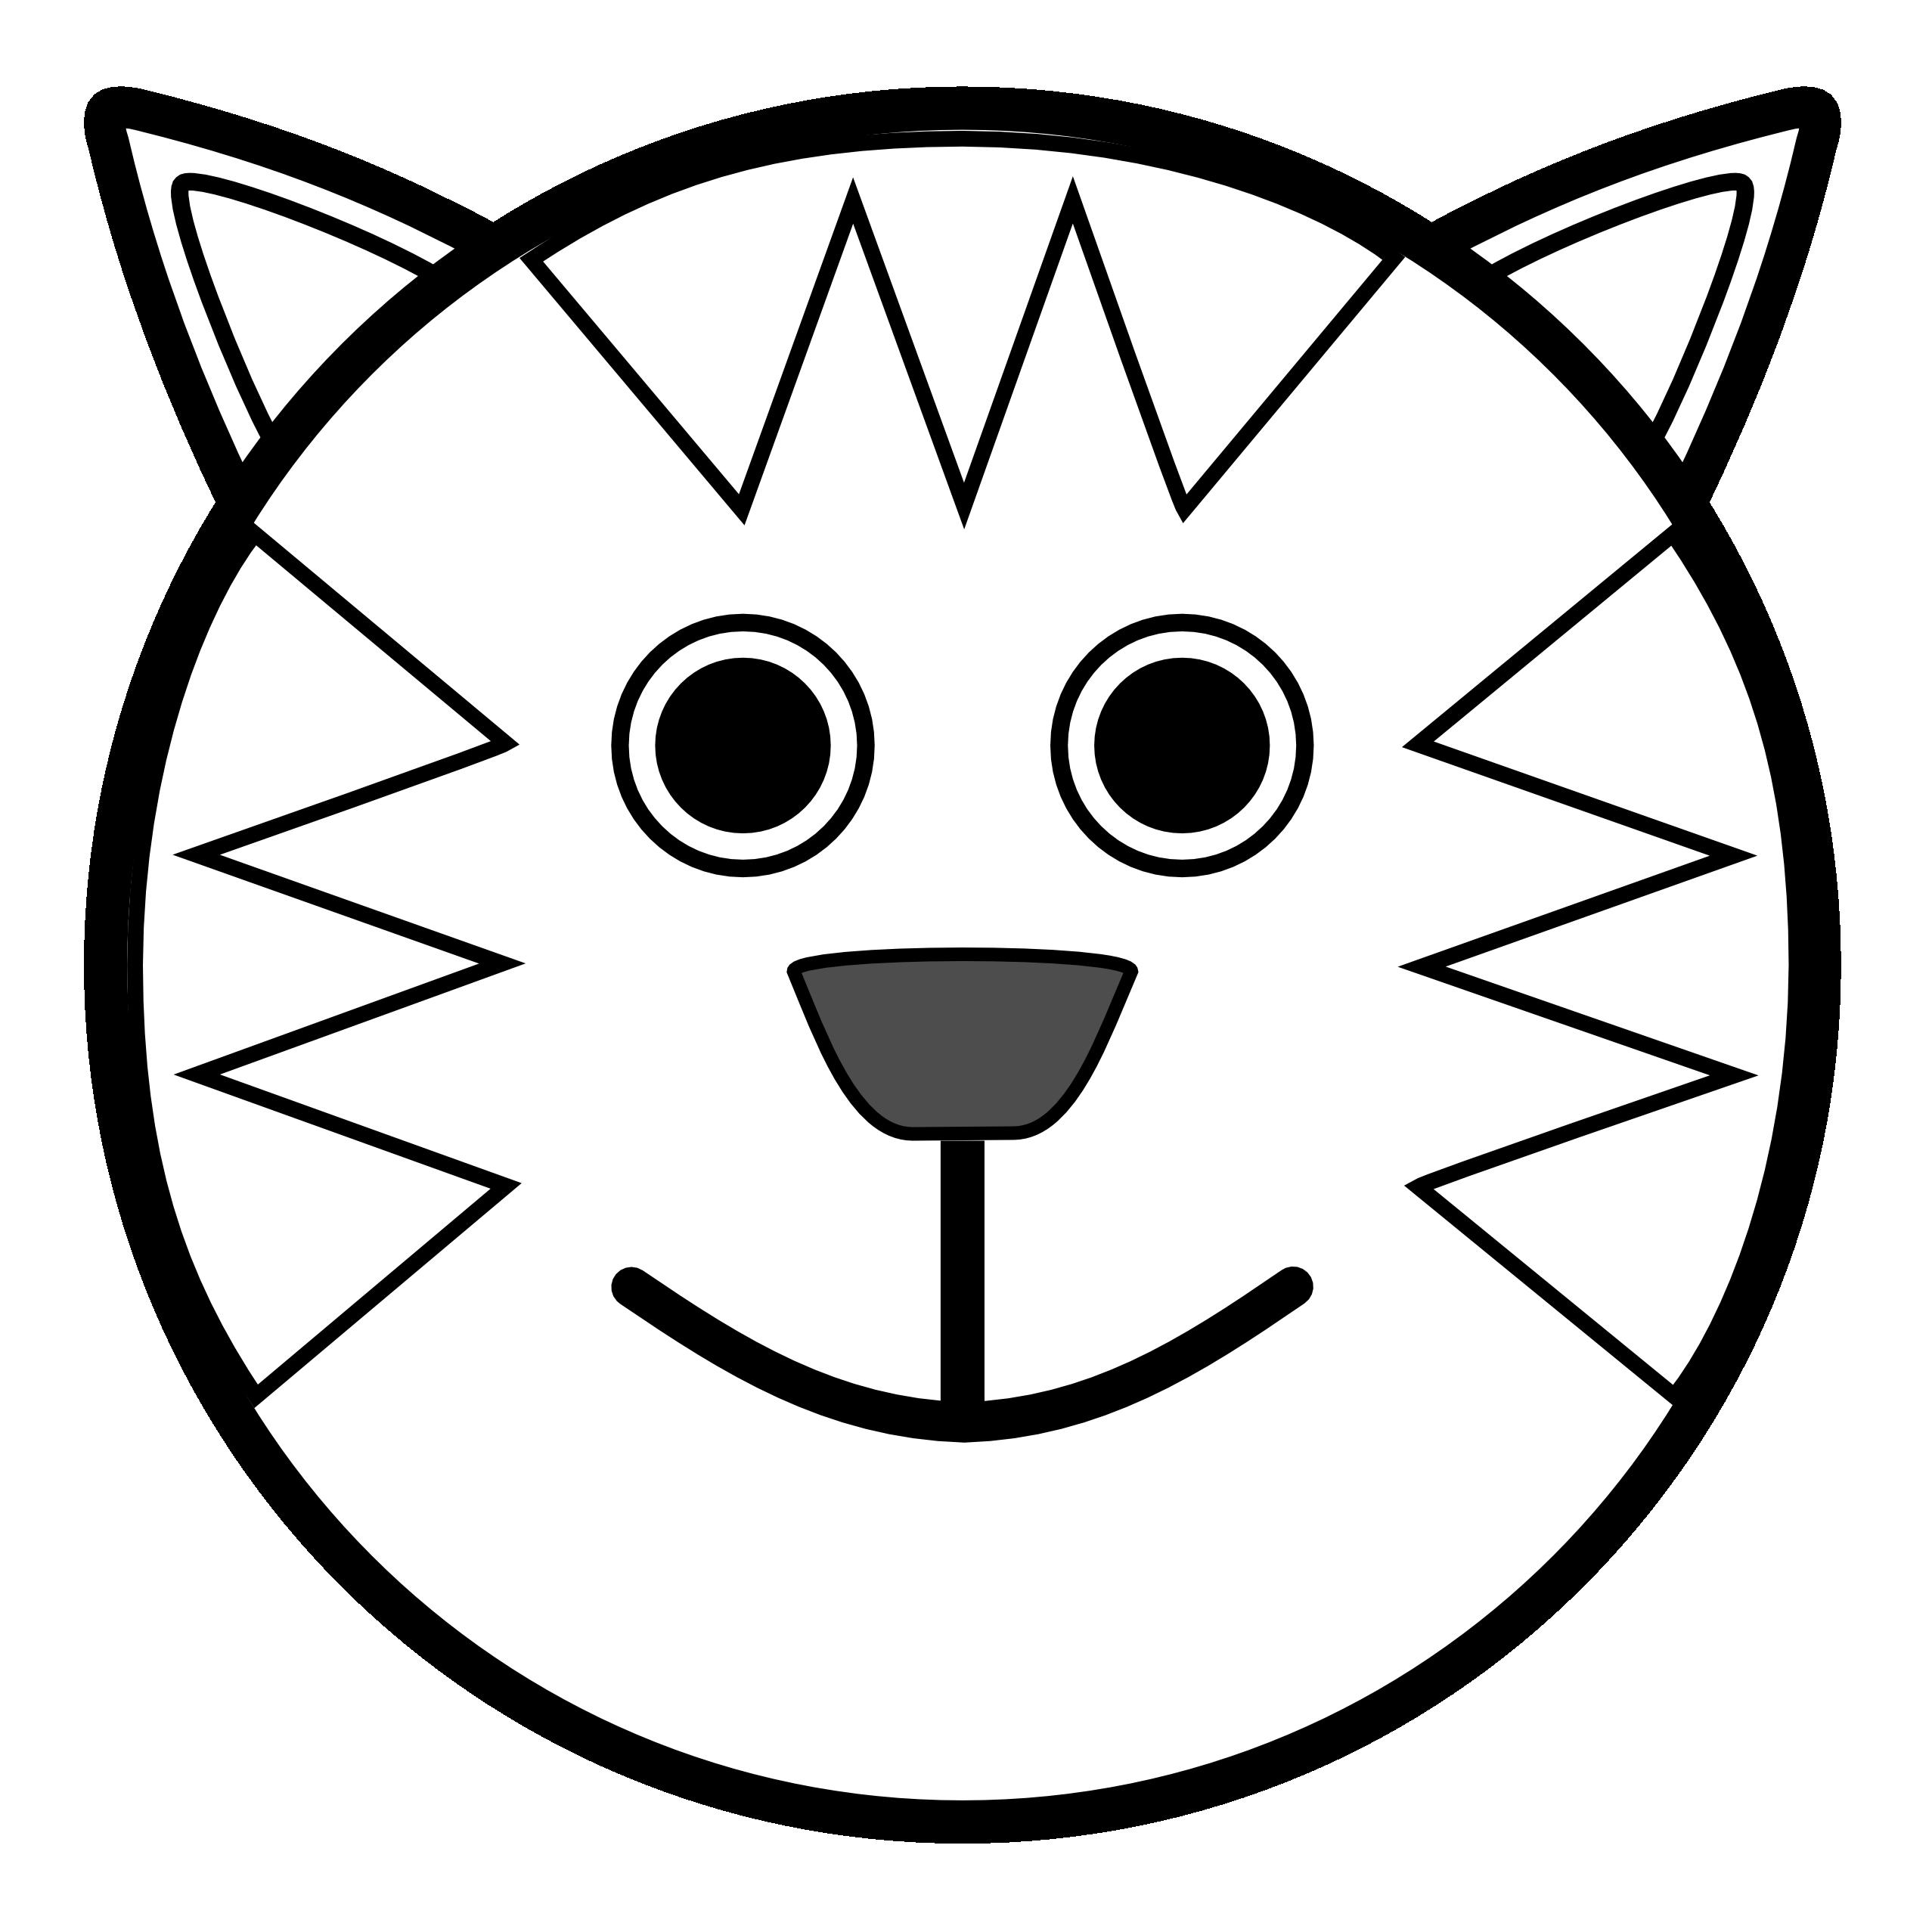 2555x2555 Downpour Clipart Clipart Panda